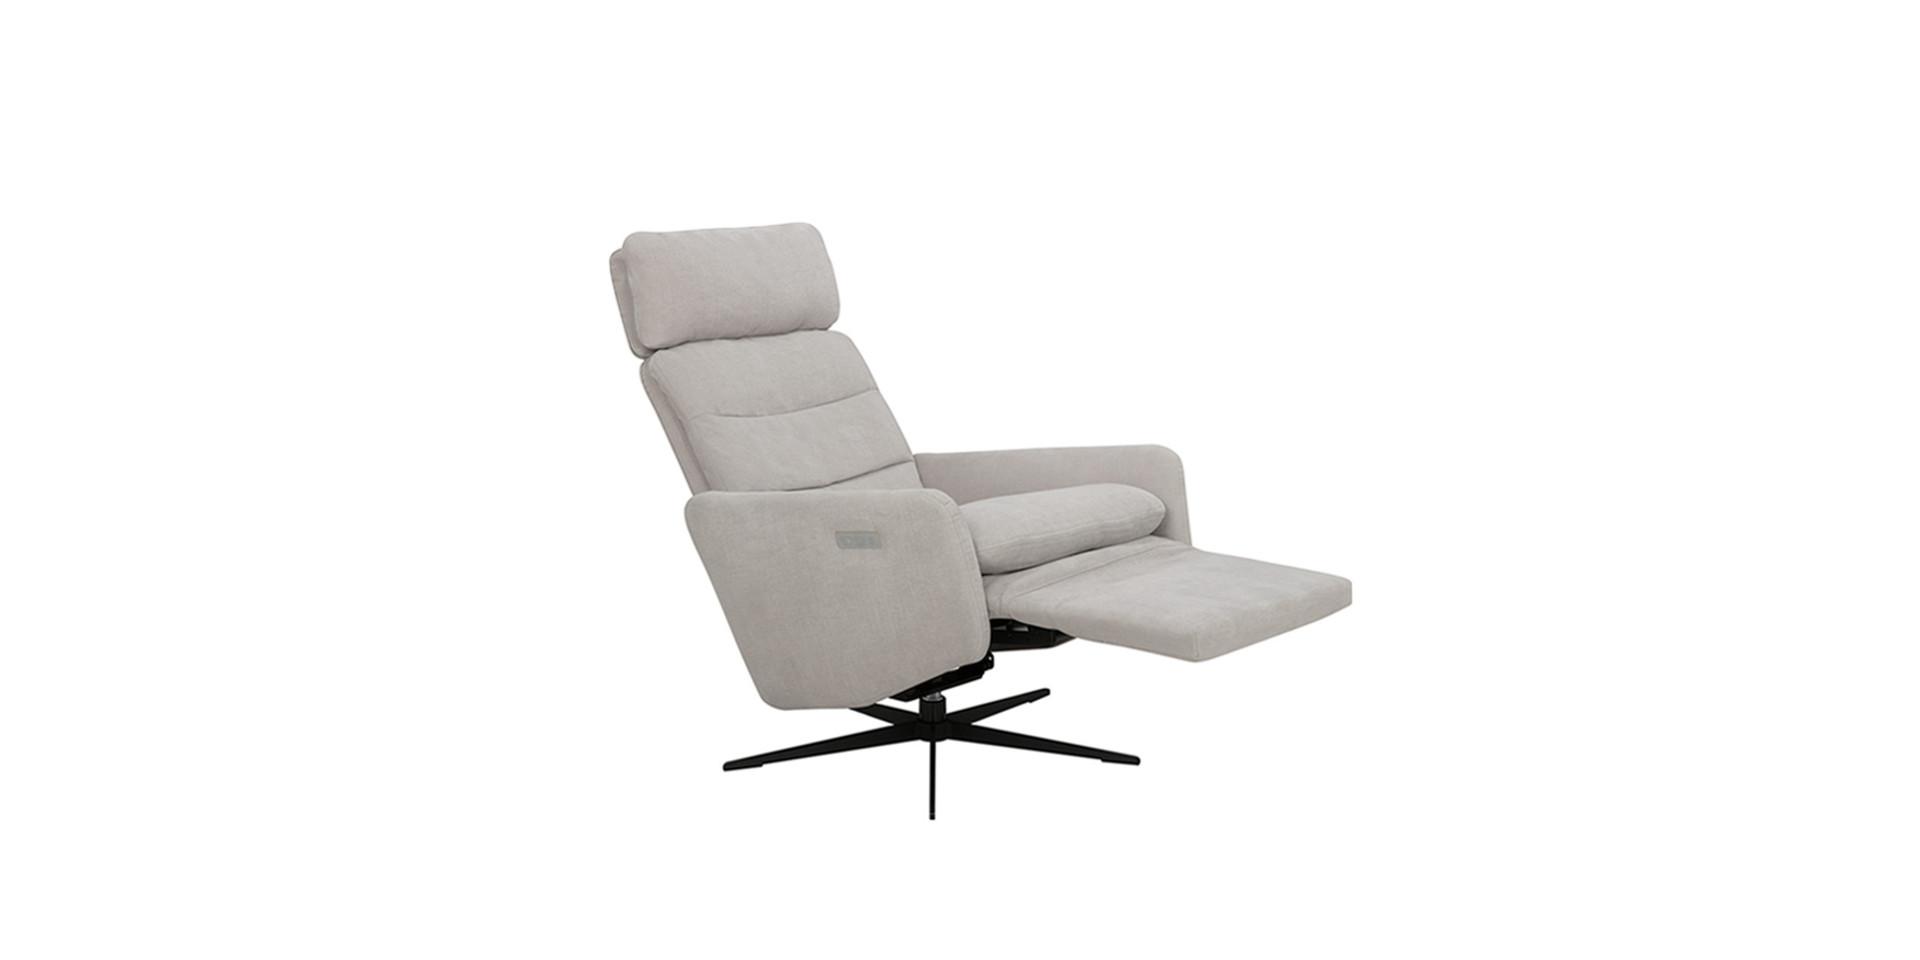 LIV_armchair_caleido10996_grey-beige_15